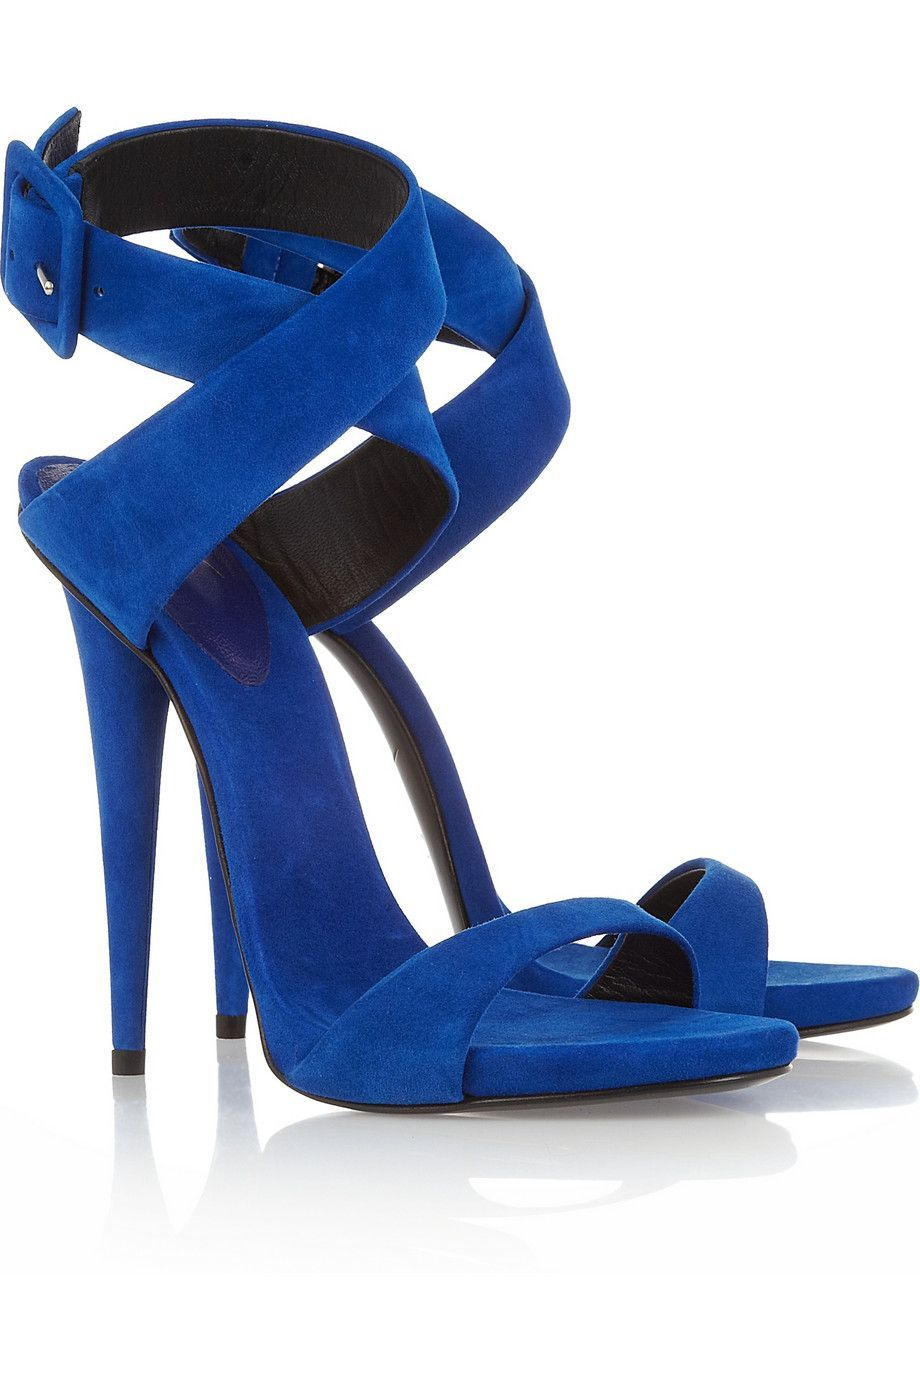 Heels, Blue shoes, Blue suede sandals